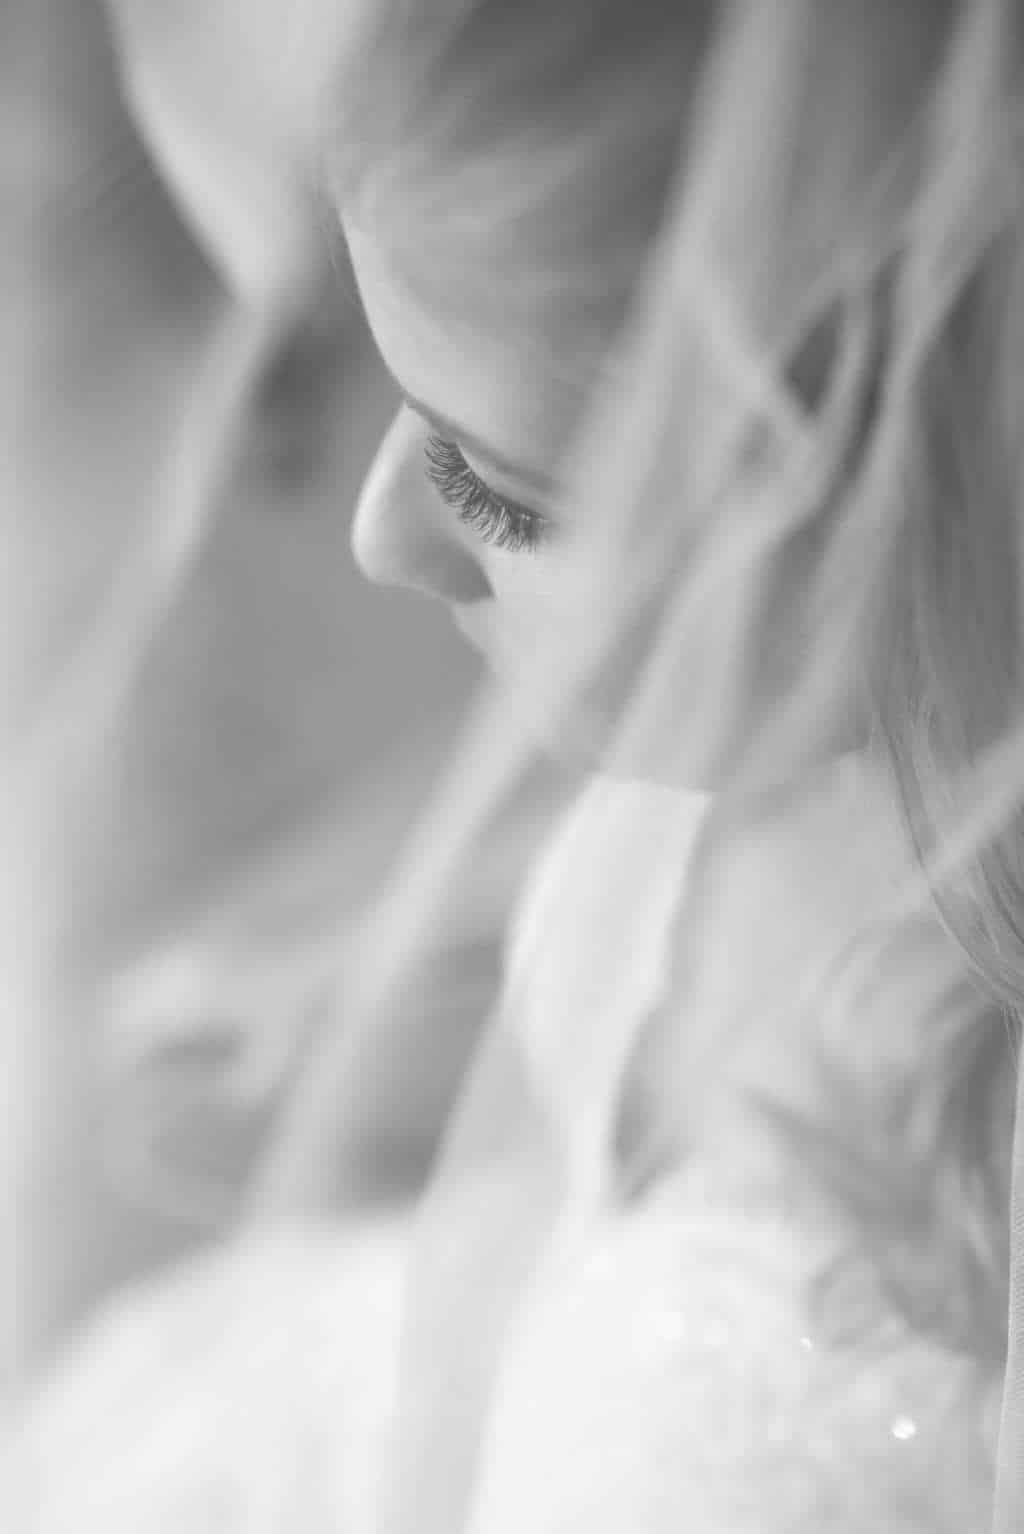 casamento-de-dia-casamento-Nicole-e-Thales-casamento-no-jardim-csasamento-ao-ar-livre-Fotografia-Marina-Fava-Galeria-Jardim-Rio-de-Janeiro-29